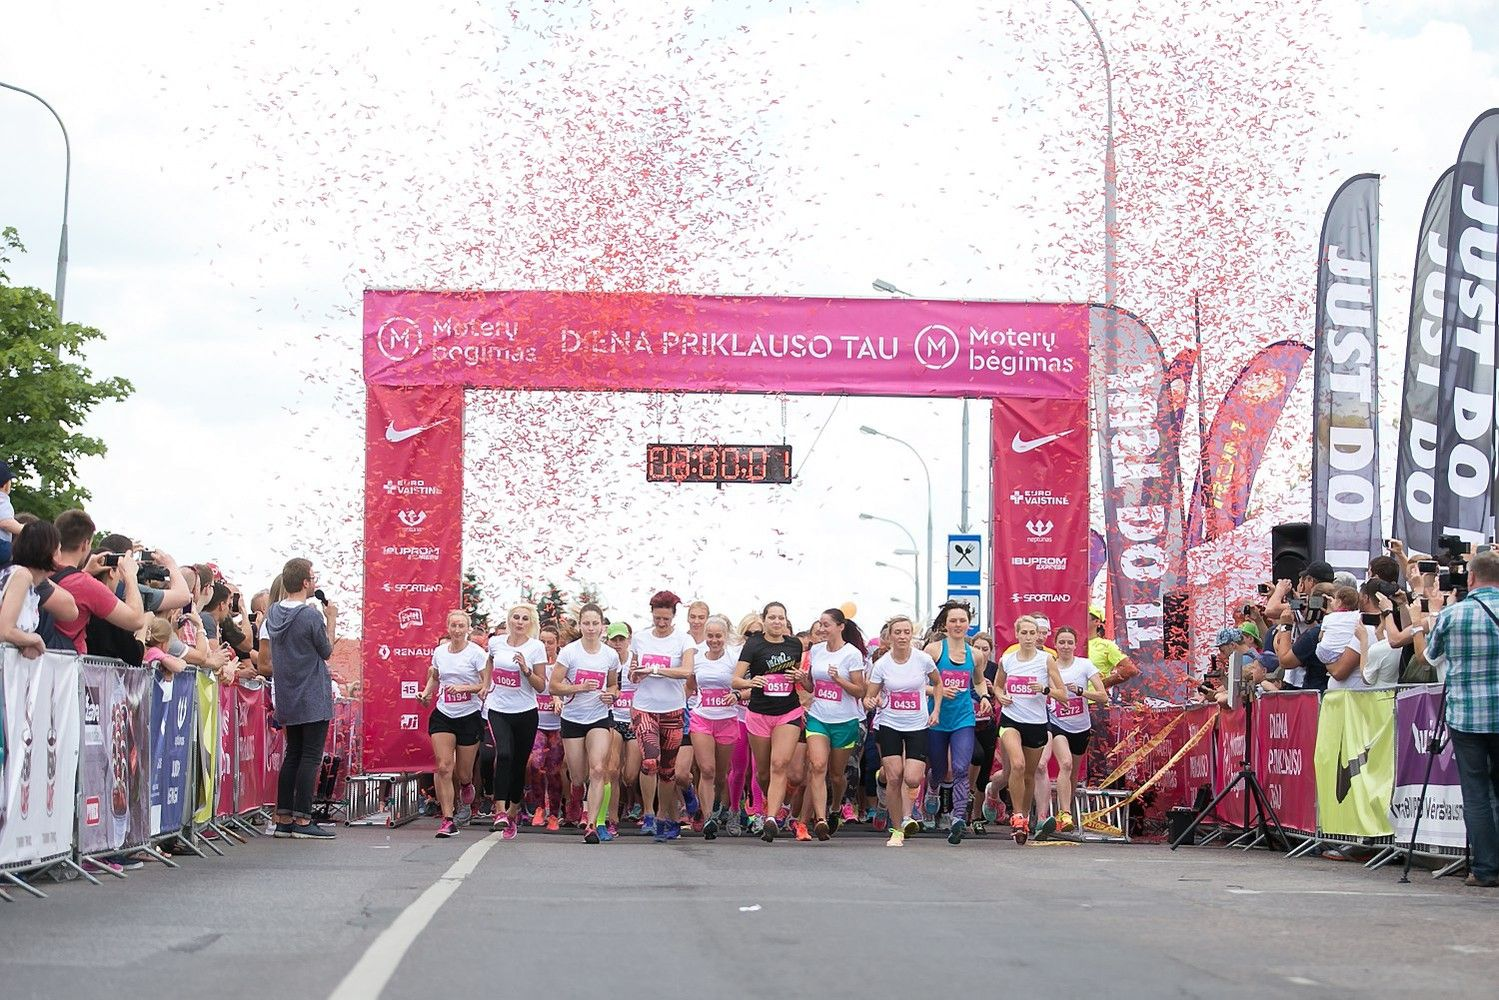 Moterų bėgimas  pritraukė 1.500 dalyvių